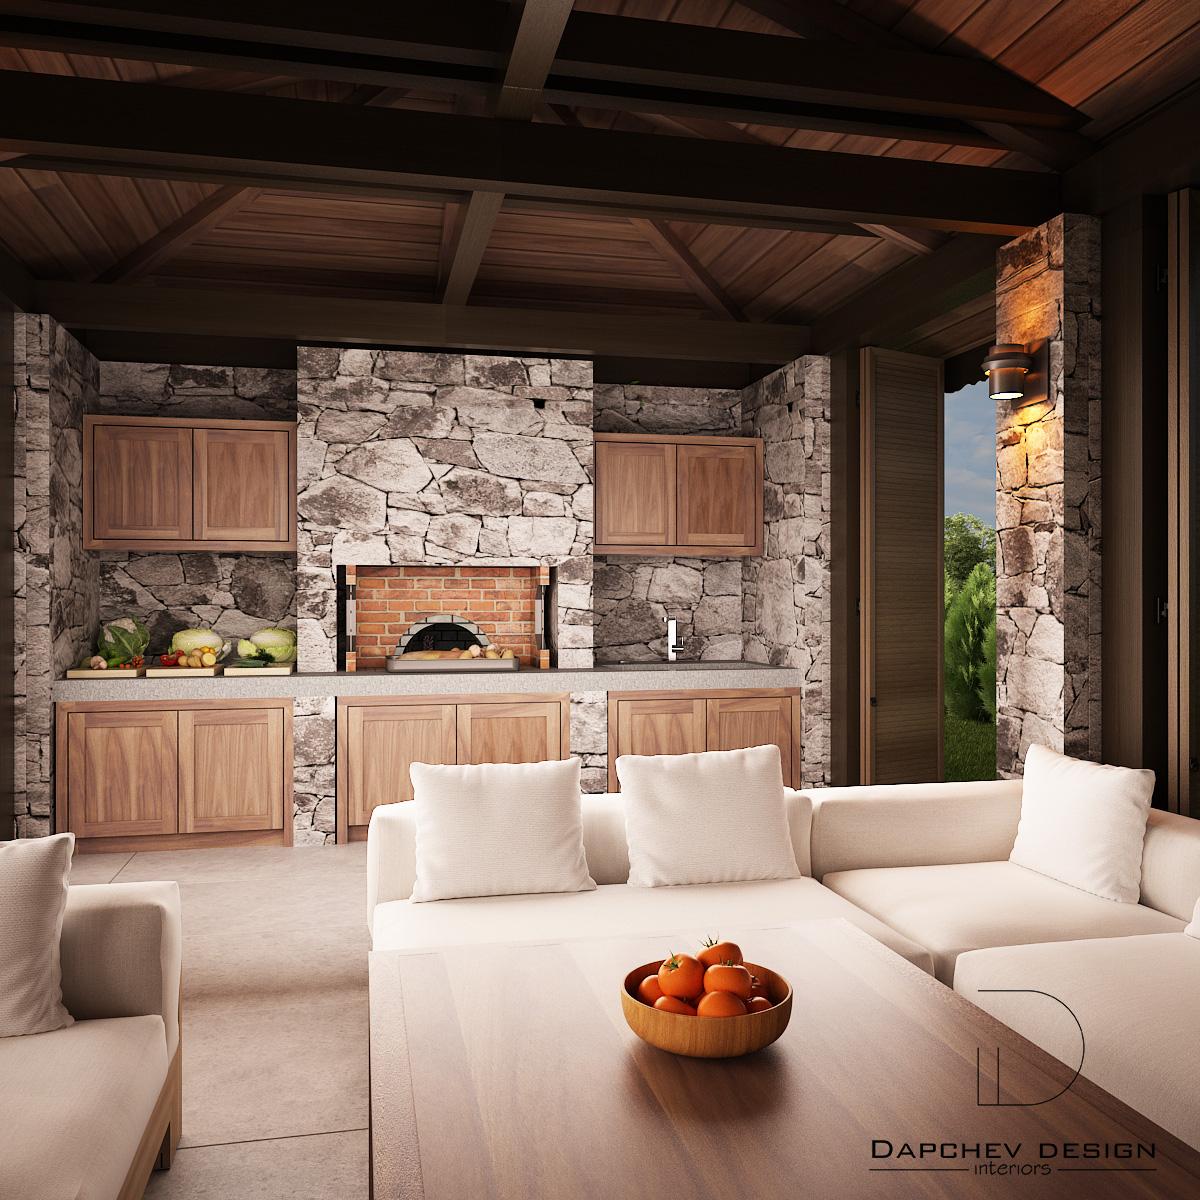 barbecue-interior-design